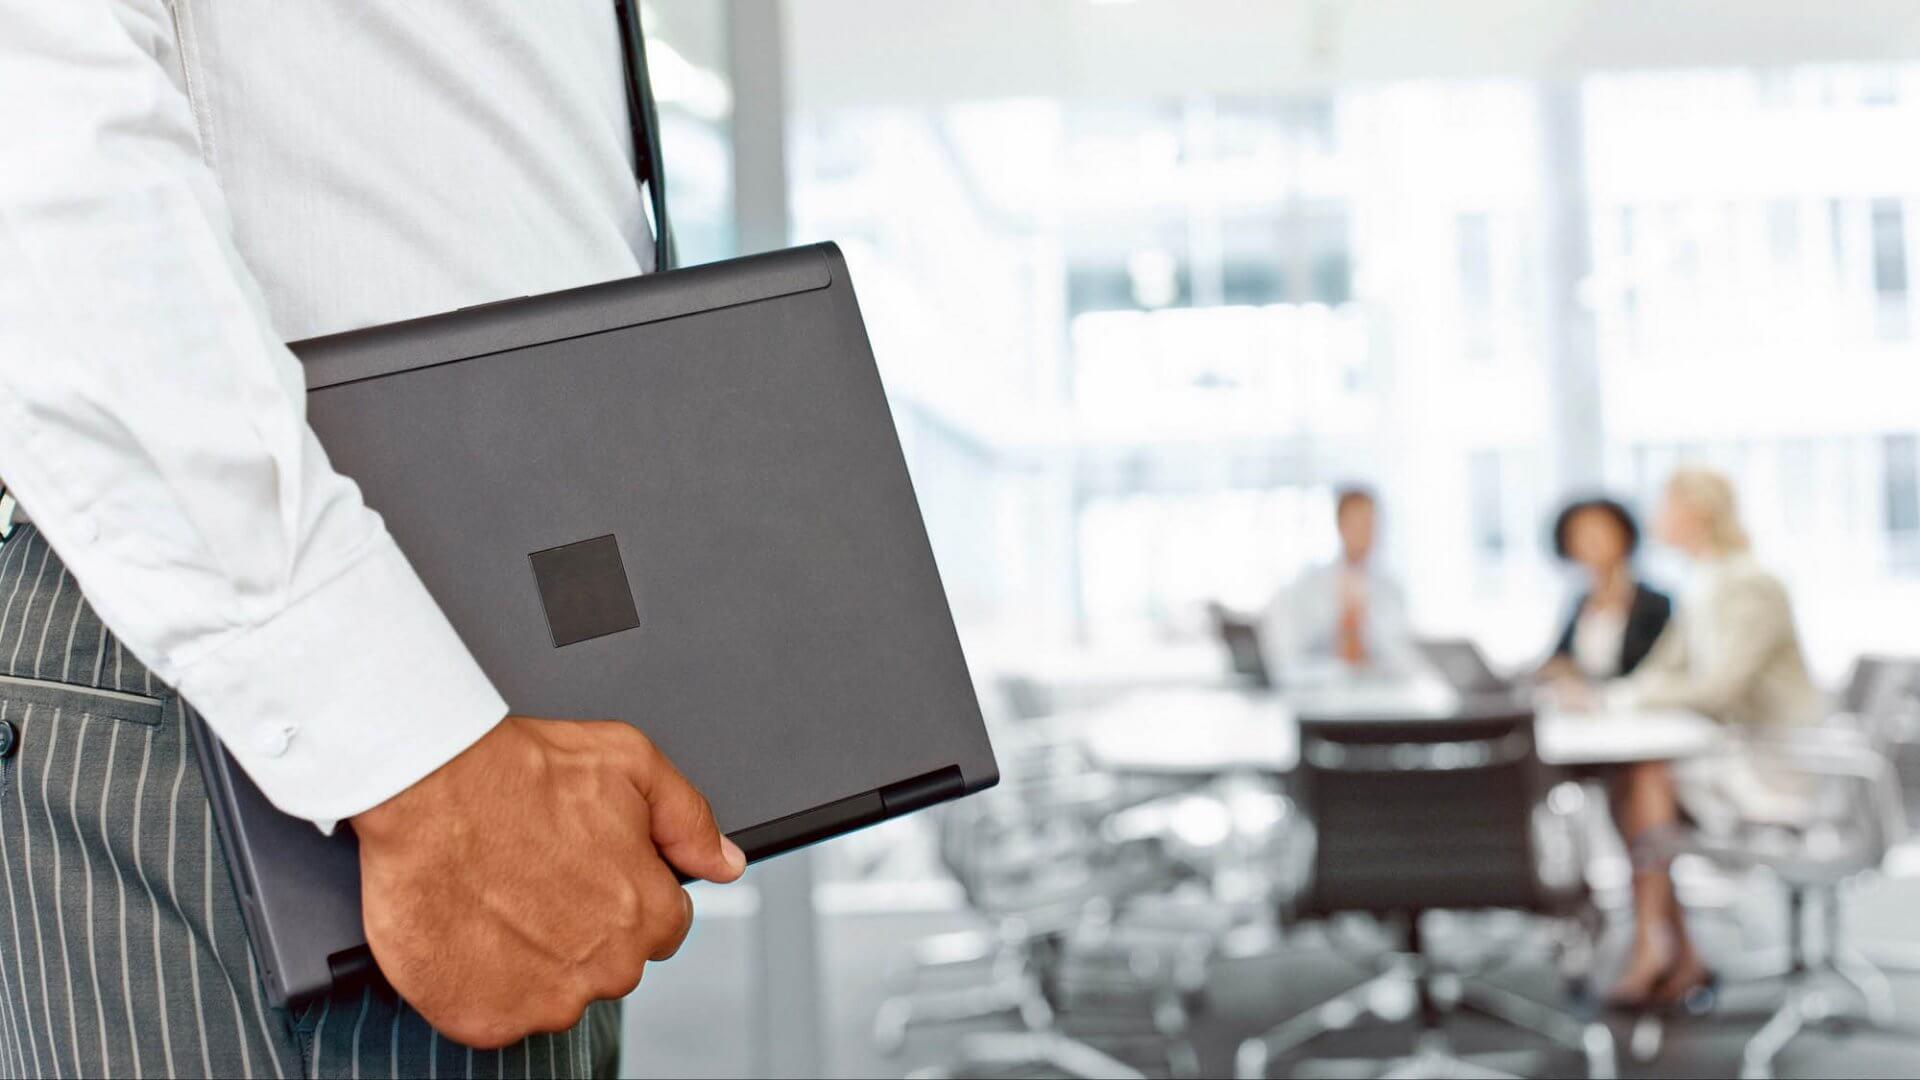 Росаккредитация рекомендует бизнесу самостоятельно регистрировать декларации о соответствии с помощью электронного сервиса